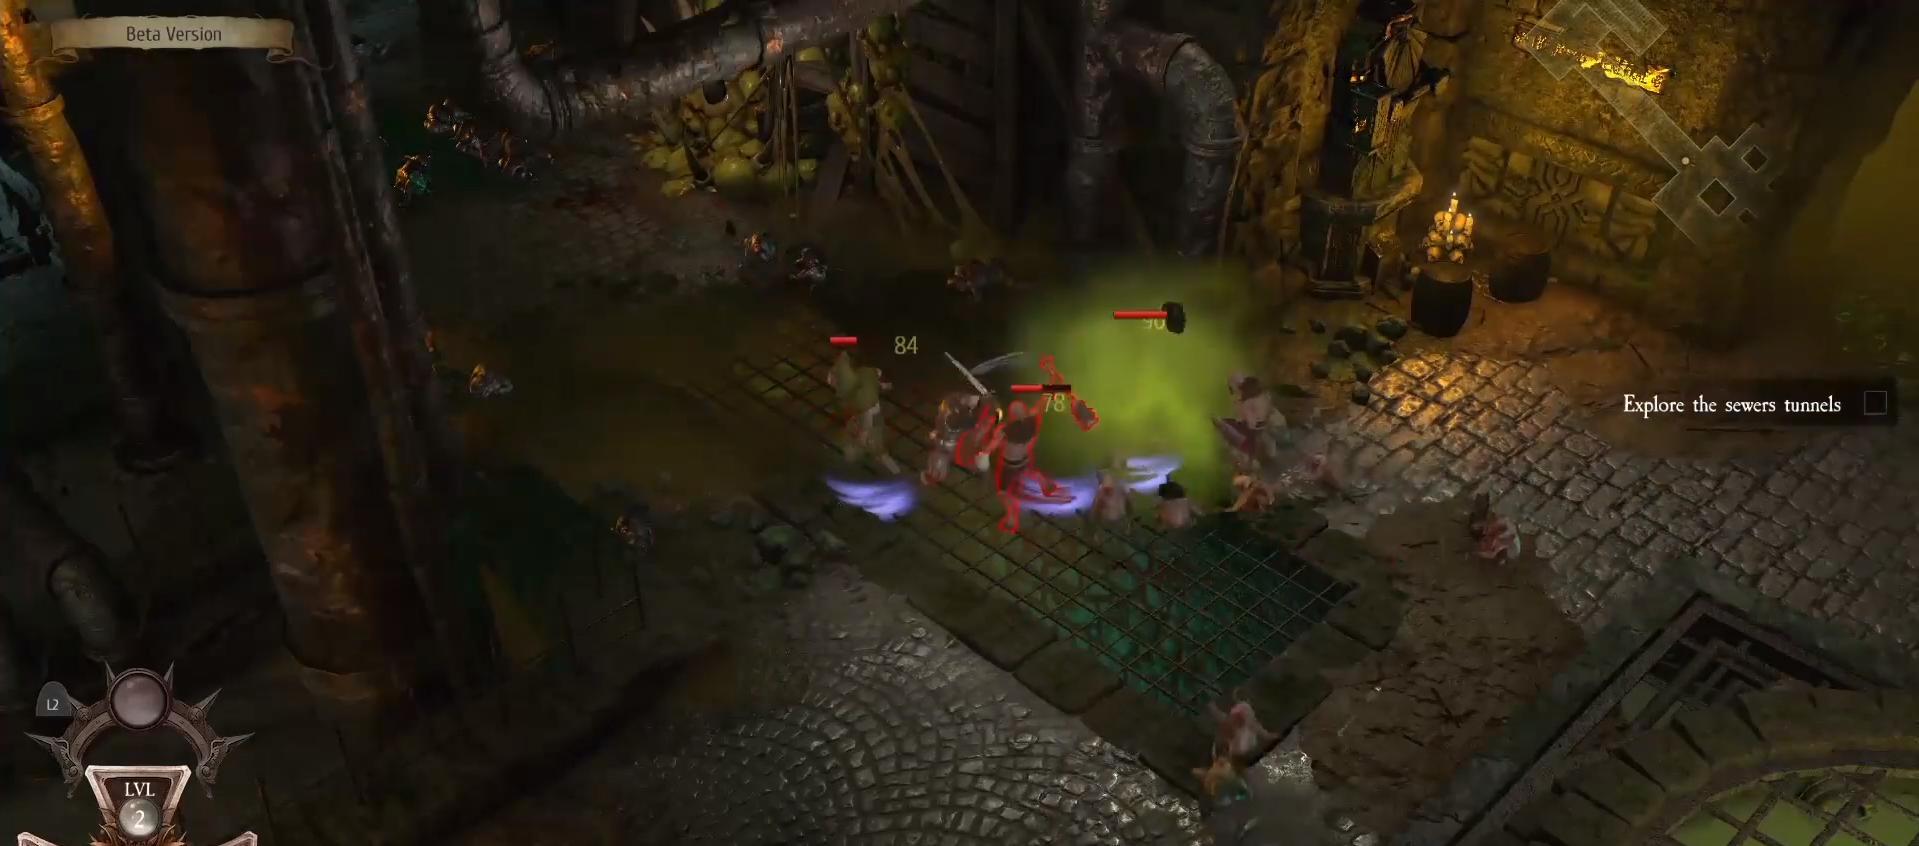 《战锤:混沌祸根》试玩评测:标准但稍显单调